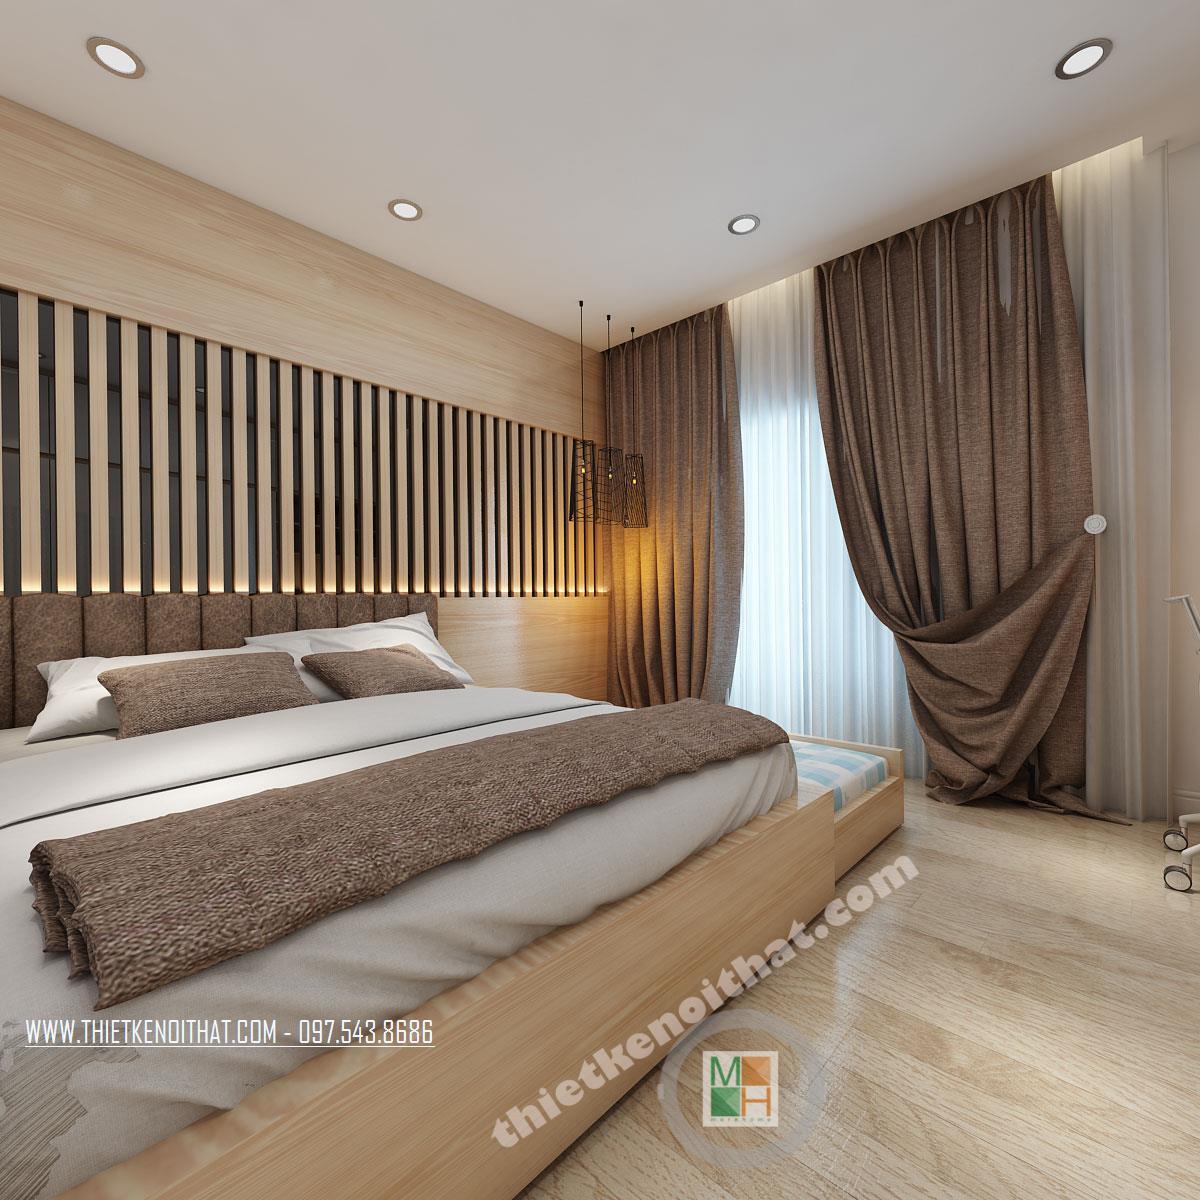 Thiết kế phòng ngủ căn hộ chung cư Bà Triệu Hoàn Kiếm Hà Nội